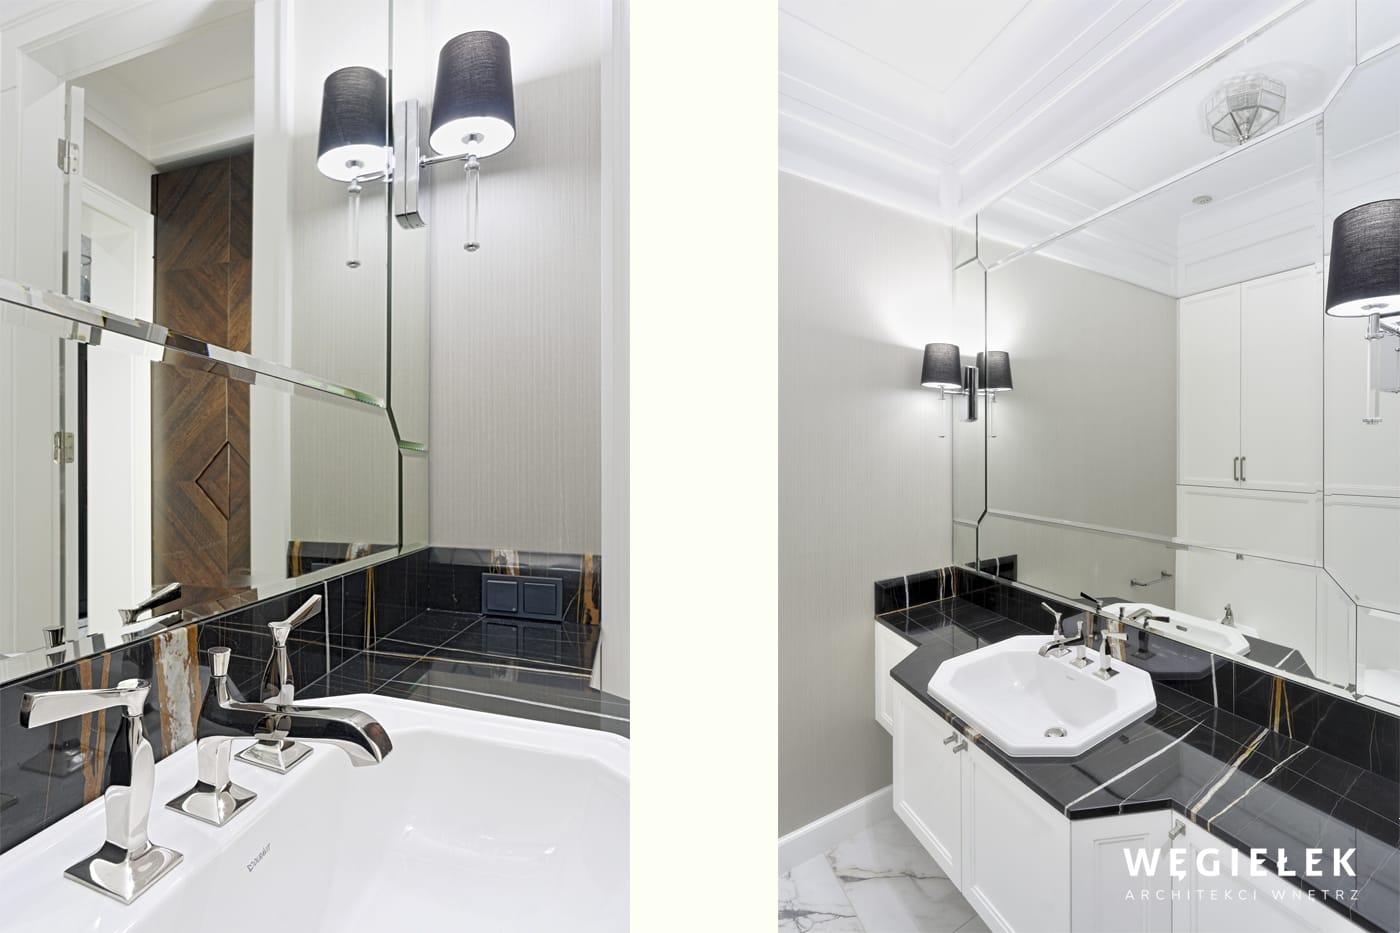 17 apartament morskie oko salon klasyczny wc gościnne